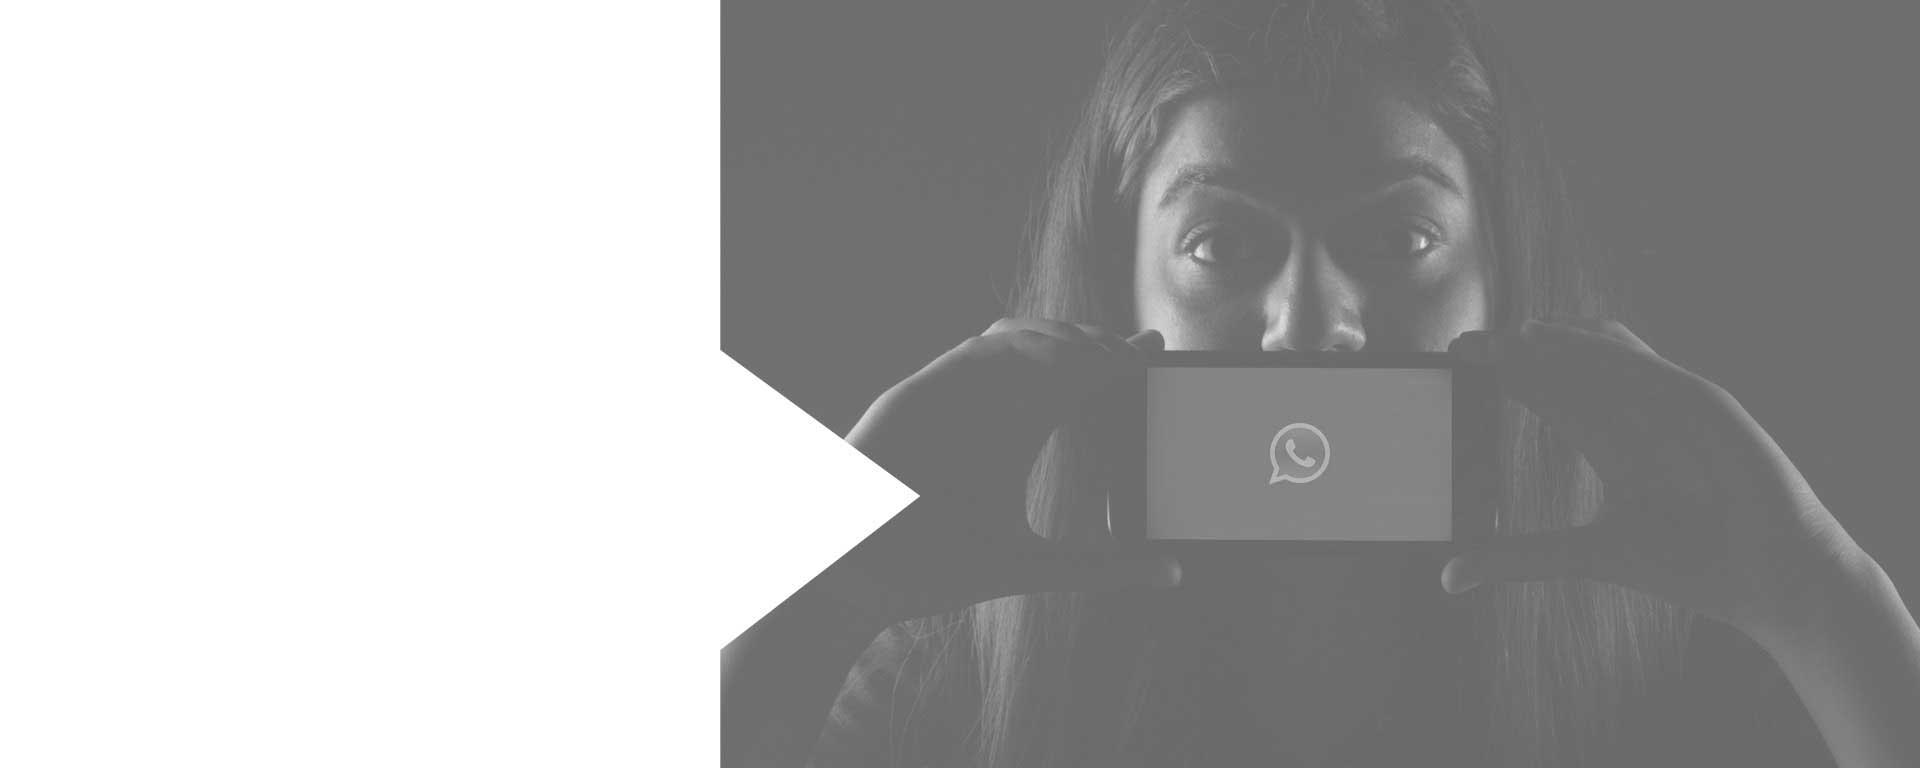 whatsapp messenger werbung